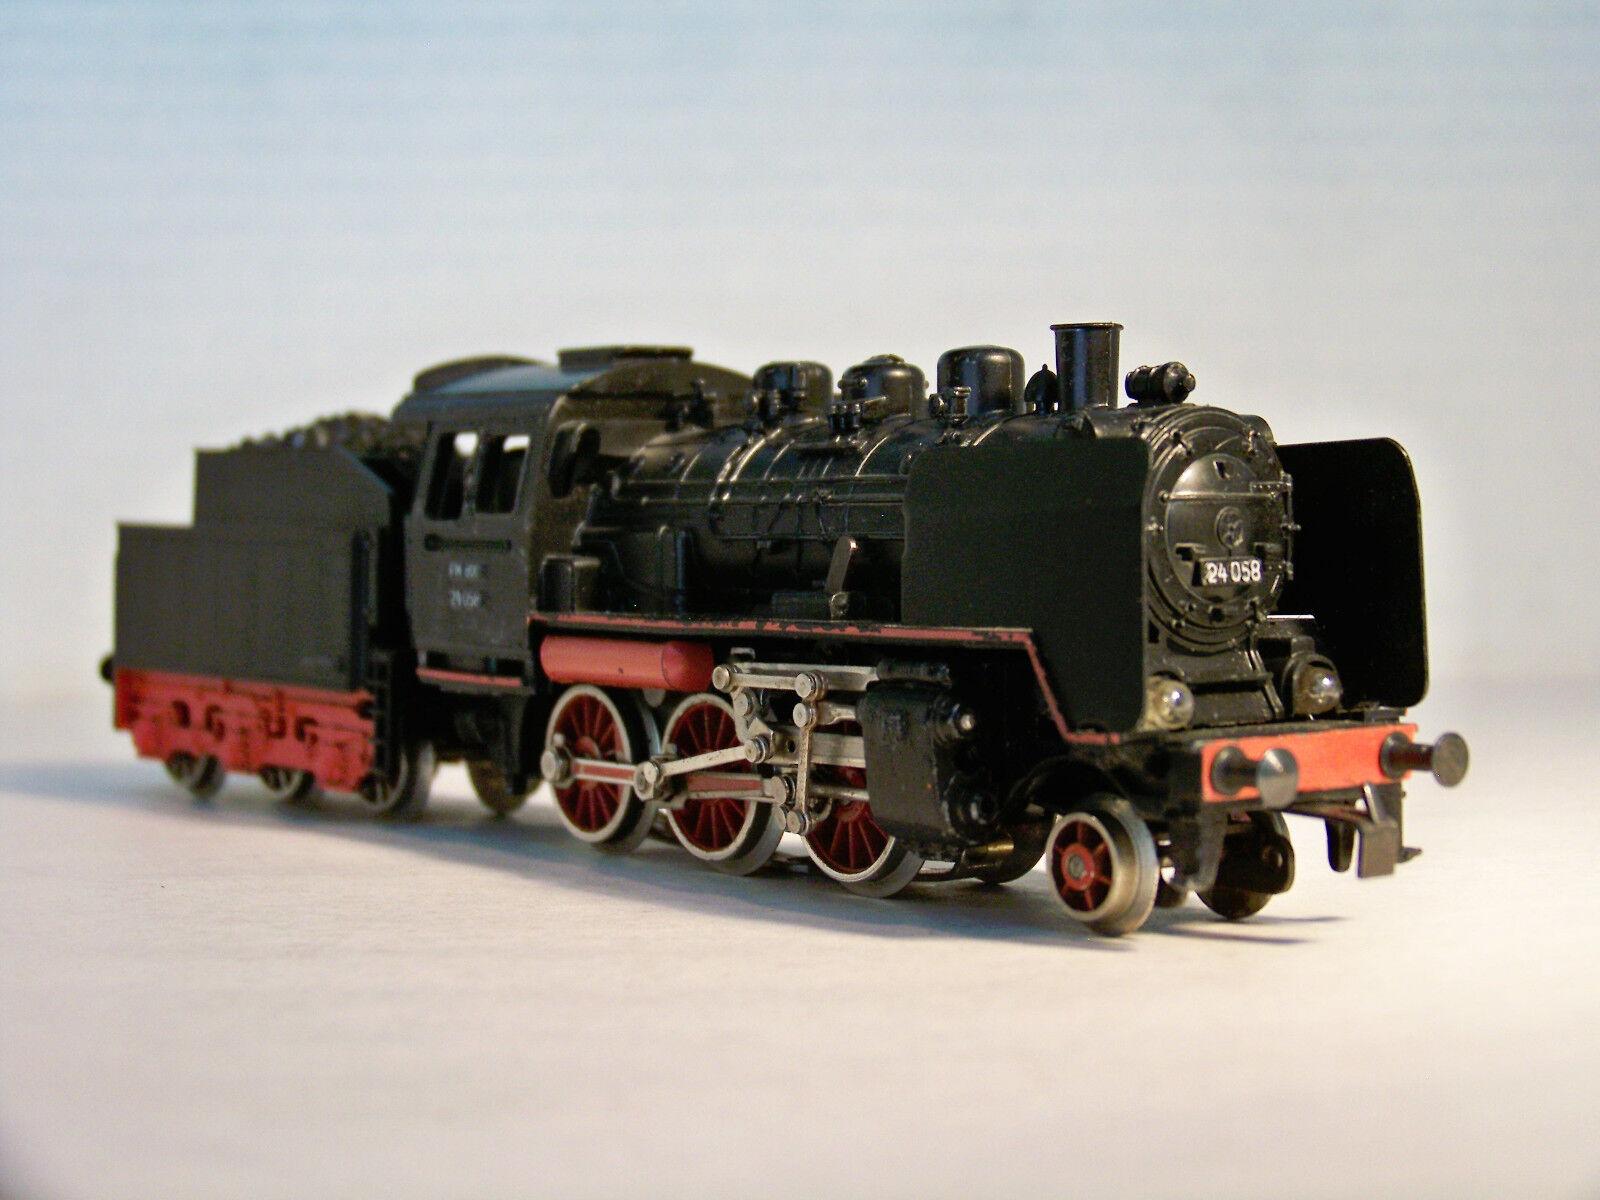 MÄRKLIN FM800 3003  Steam locomotive, 1st Edt. from 1956, Runs, but needs TLC.